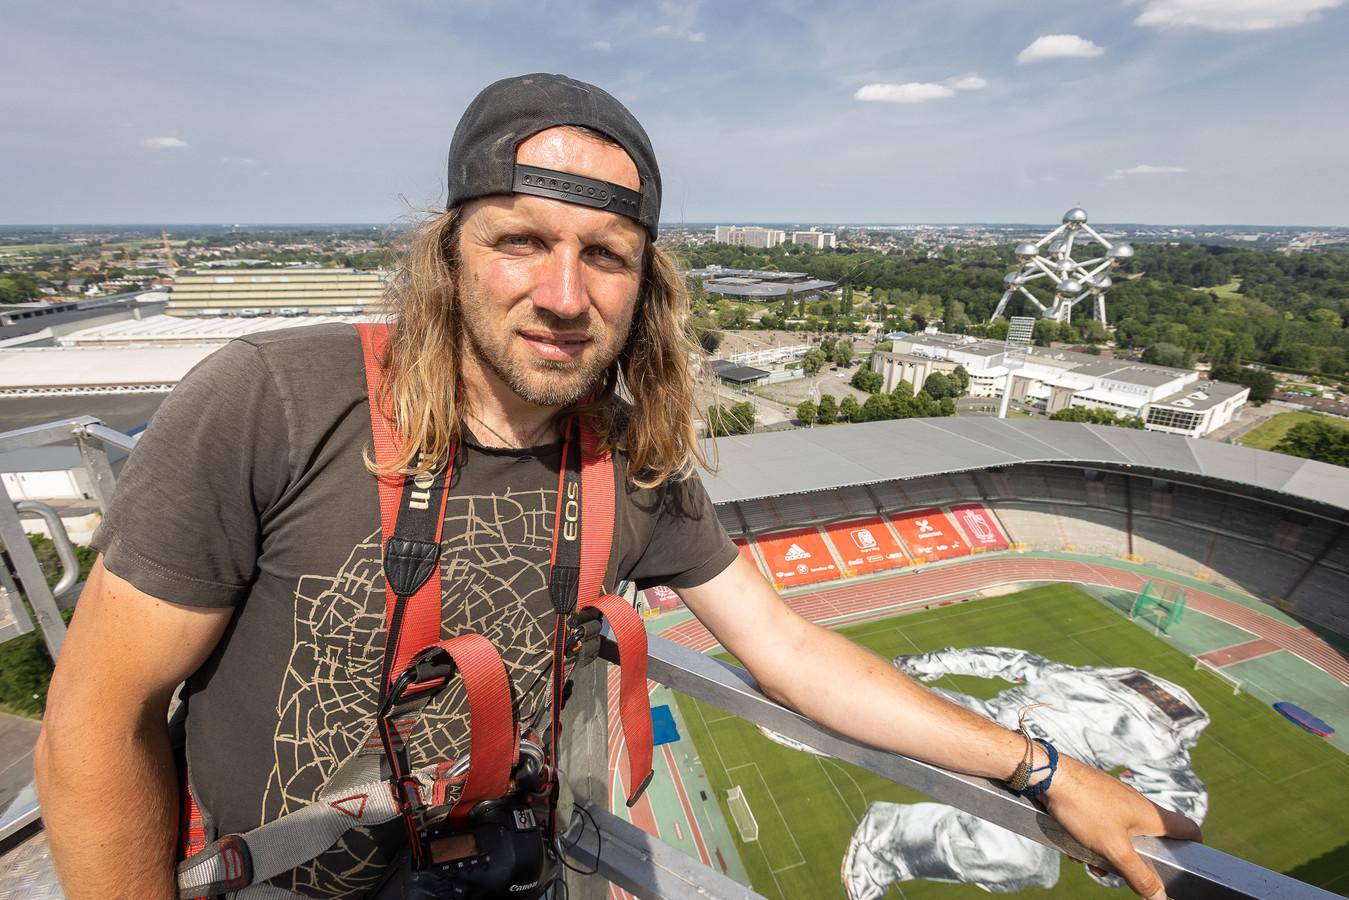 Wim Tellier, op 90 meter hoogte, boven zijn werk 'Closer' in het Koning Boudewijnstadion.